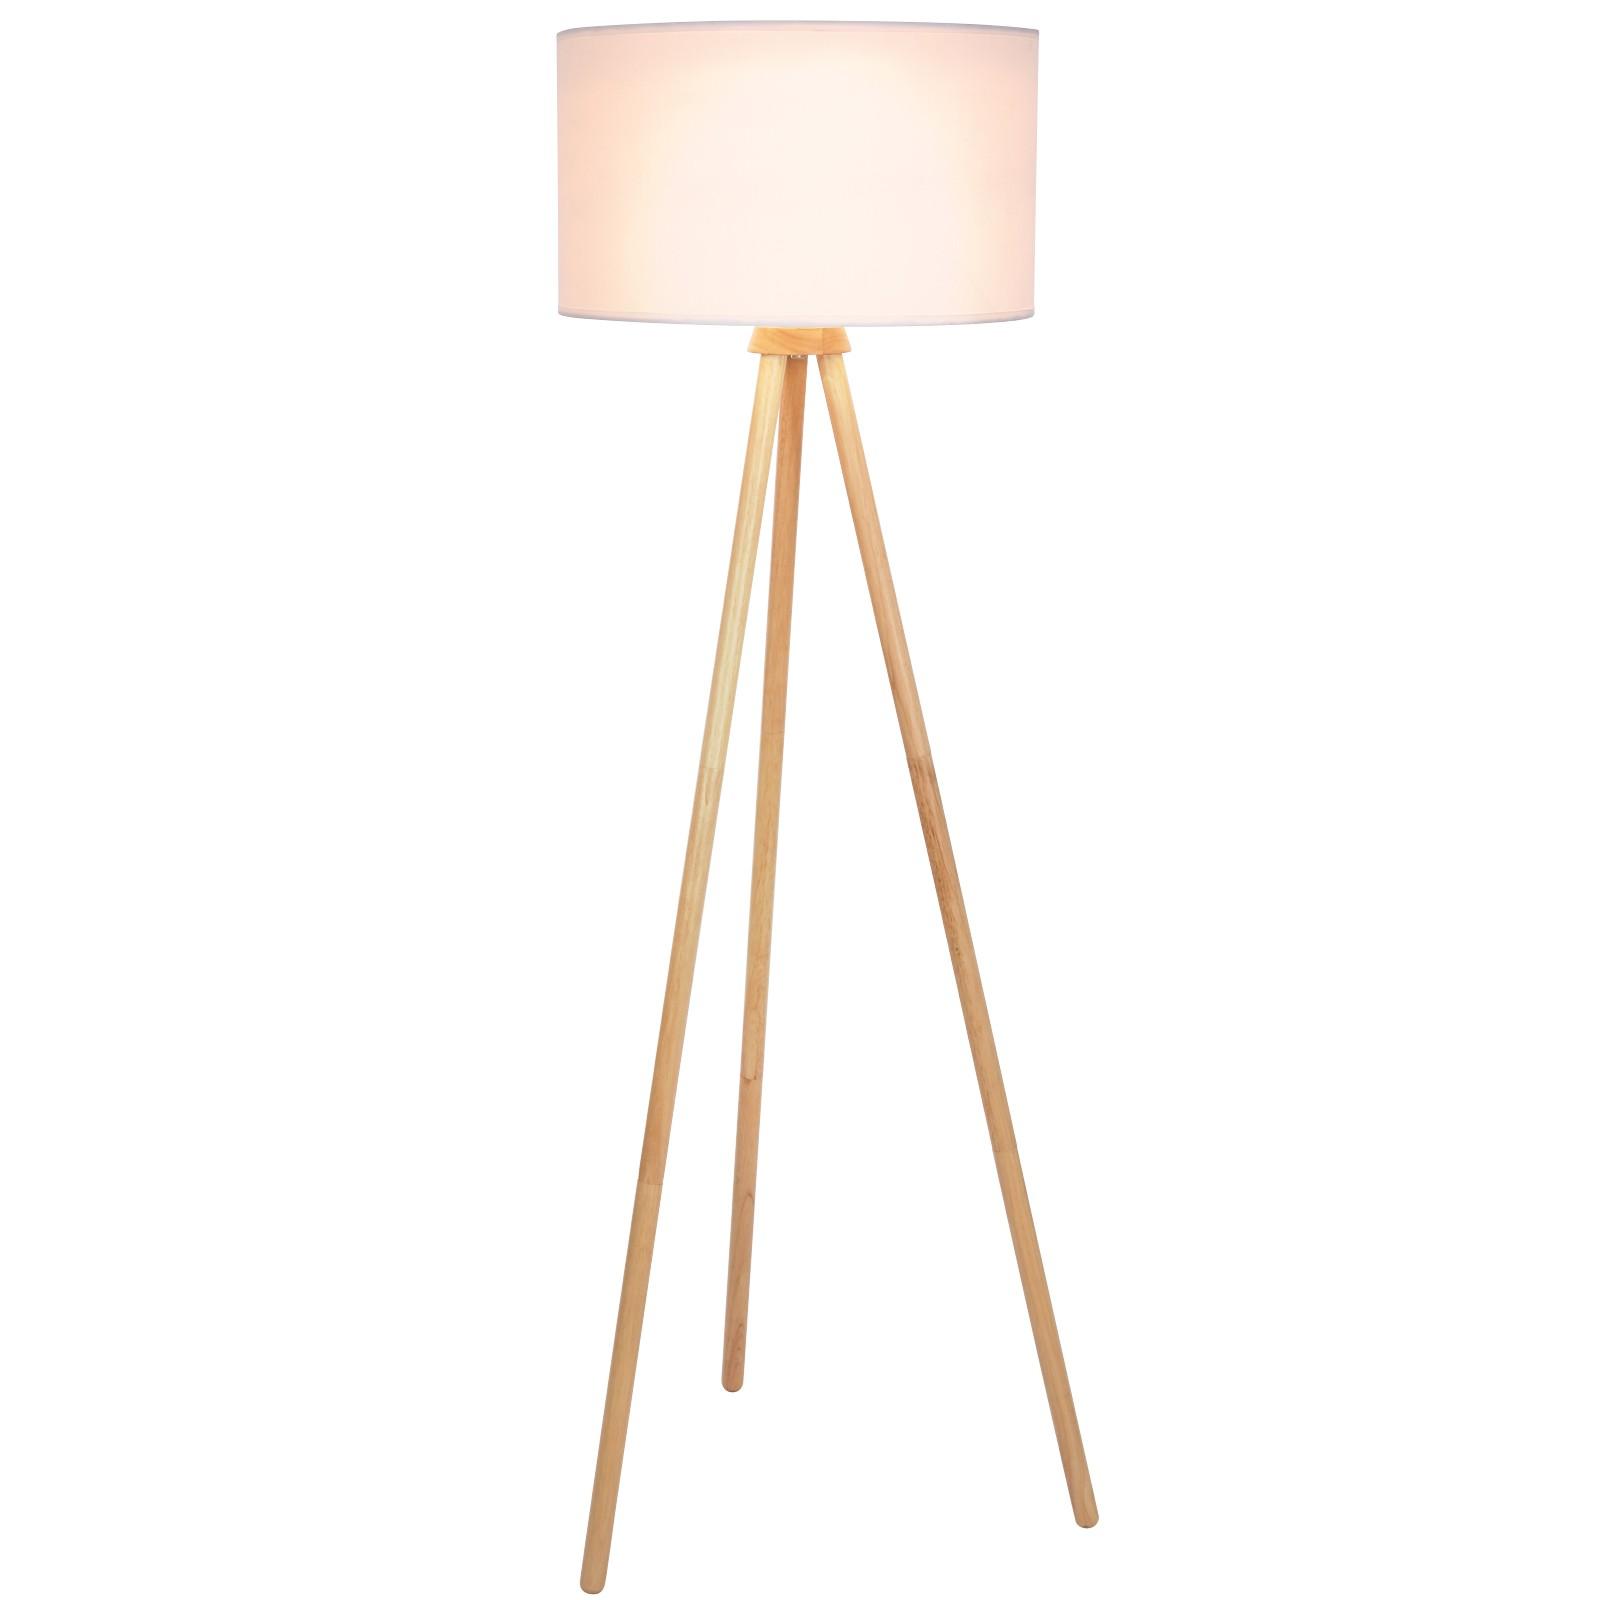 Stehlampe Holz Dreibein